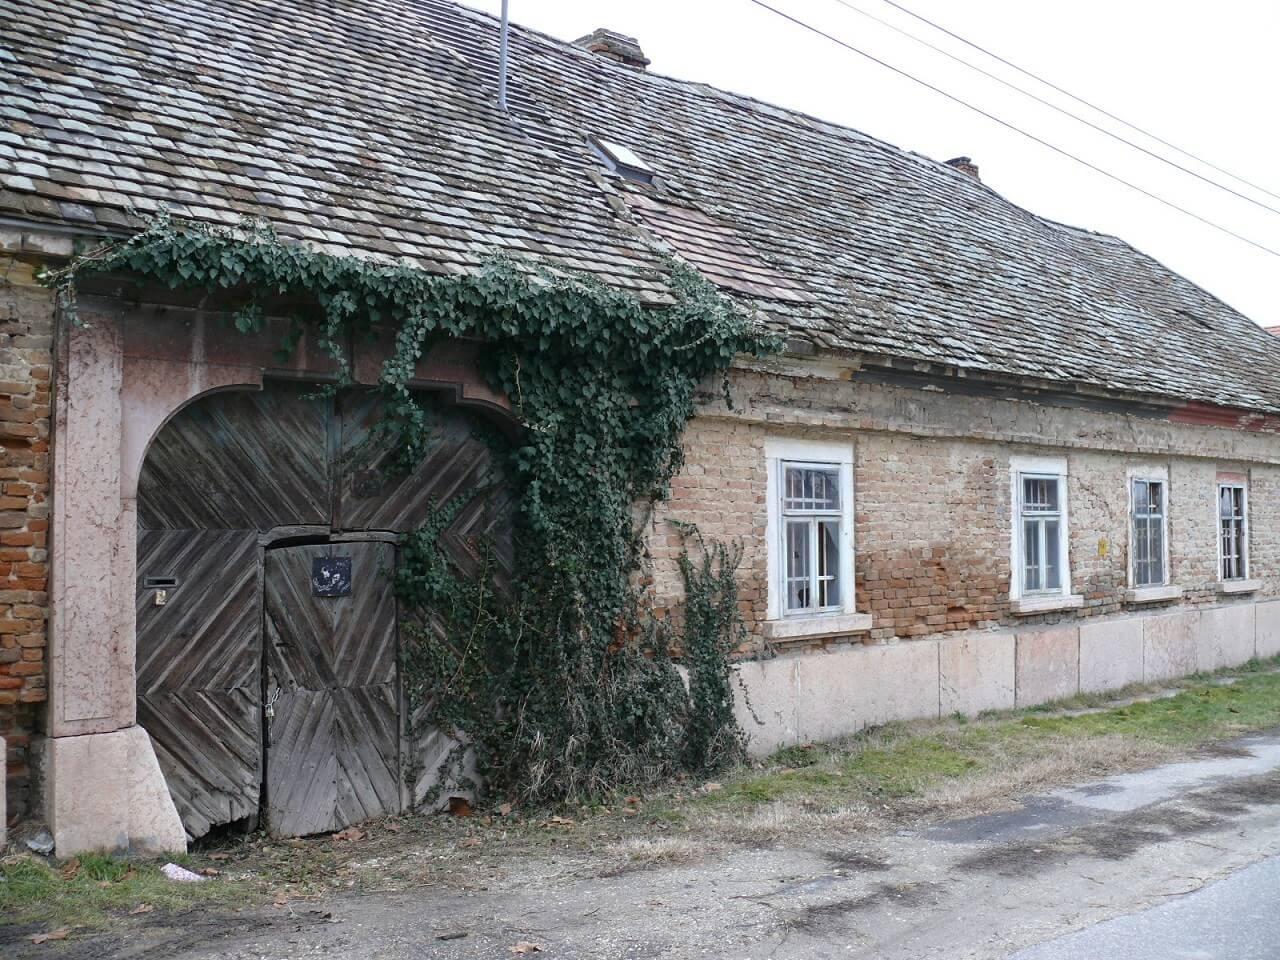 Fazekasműhelyt és sörfőzdét alakítanak ki a tatai Kőfaragó-házban